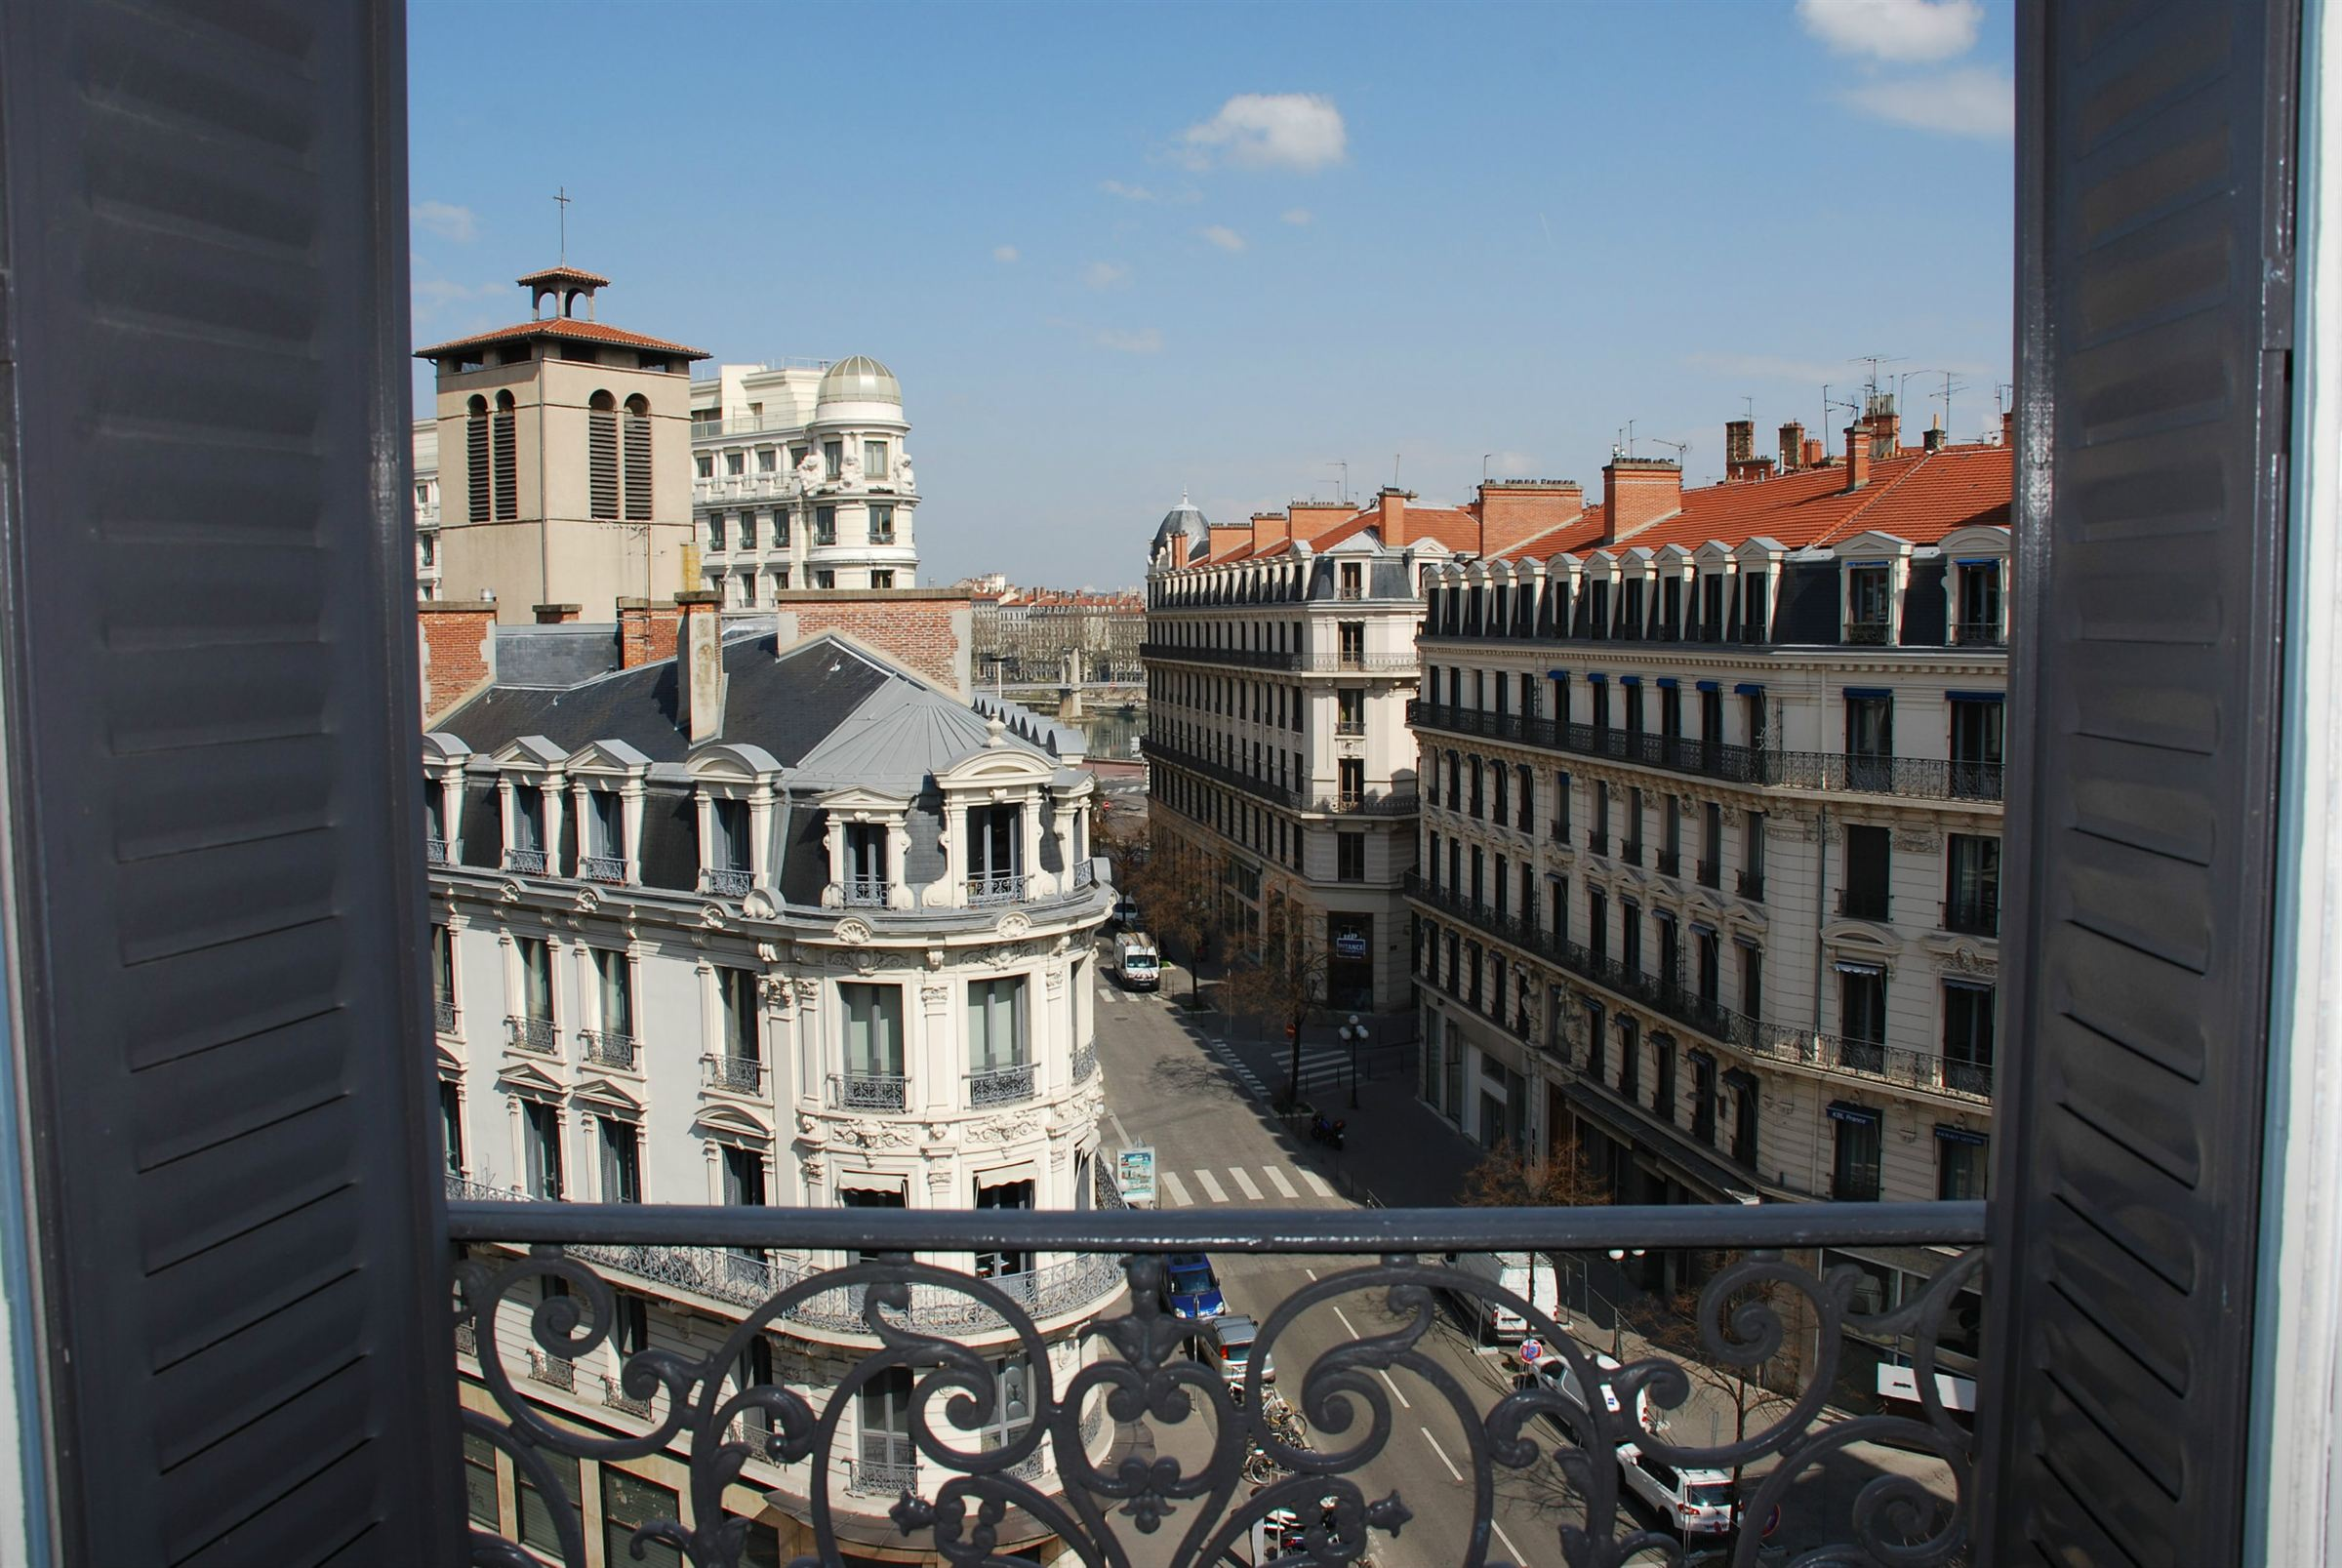 Квартира для того Продажа на LYON 2 / GROLEE - 5 PIECES EN ETAGE ELEVE Lyon, Рона-Альпы, 69002 Франция